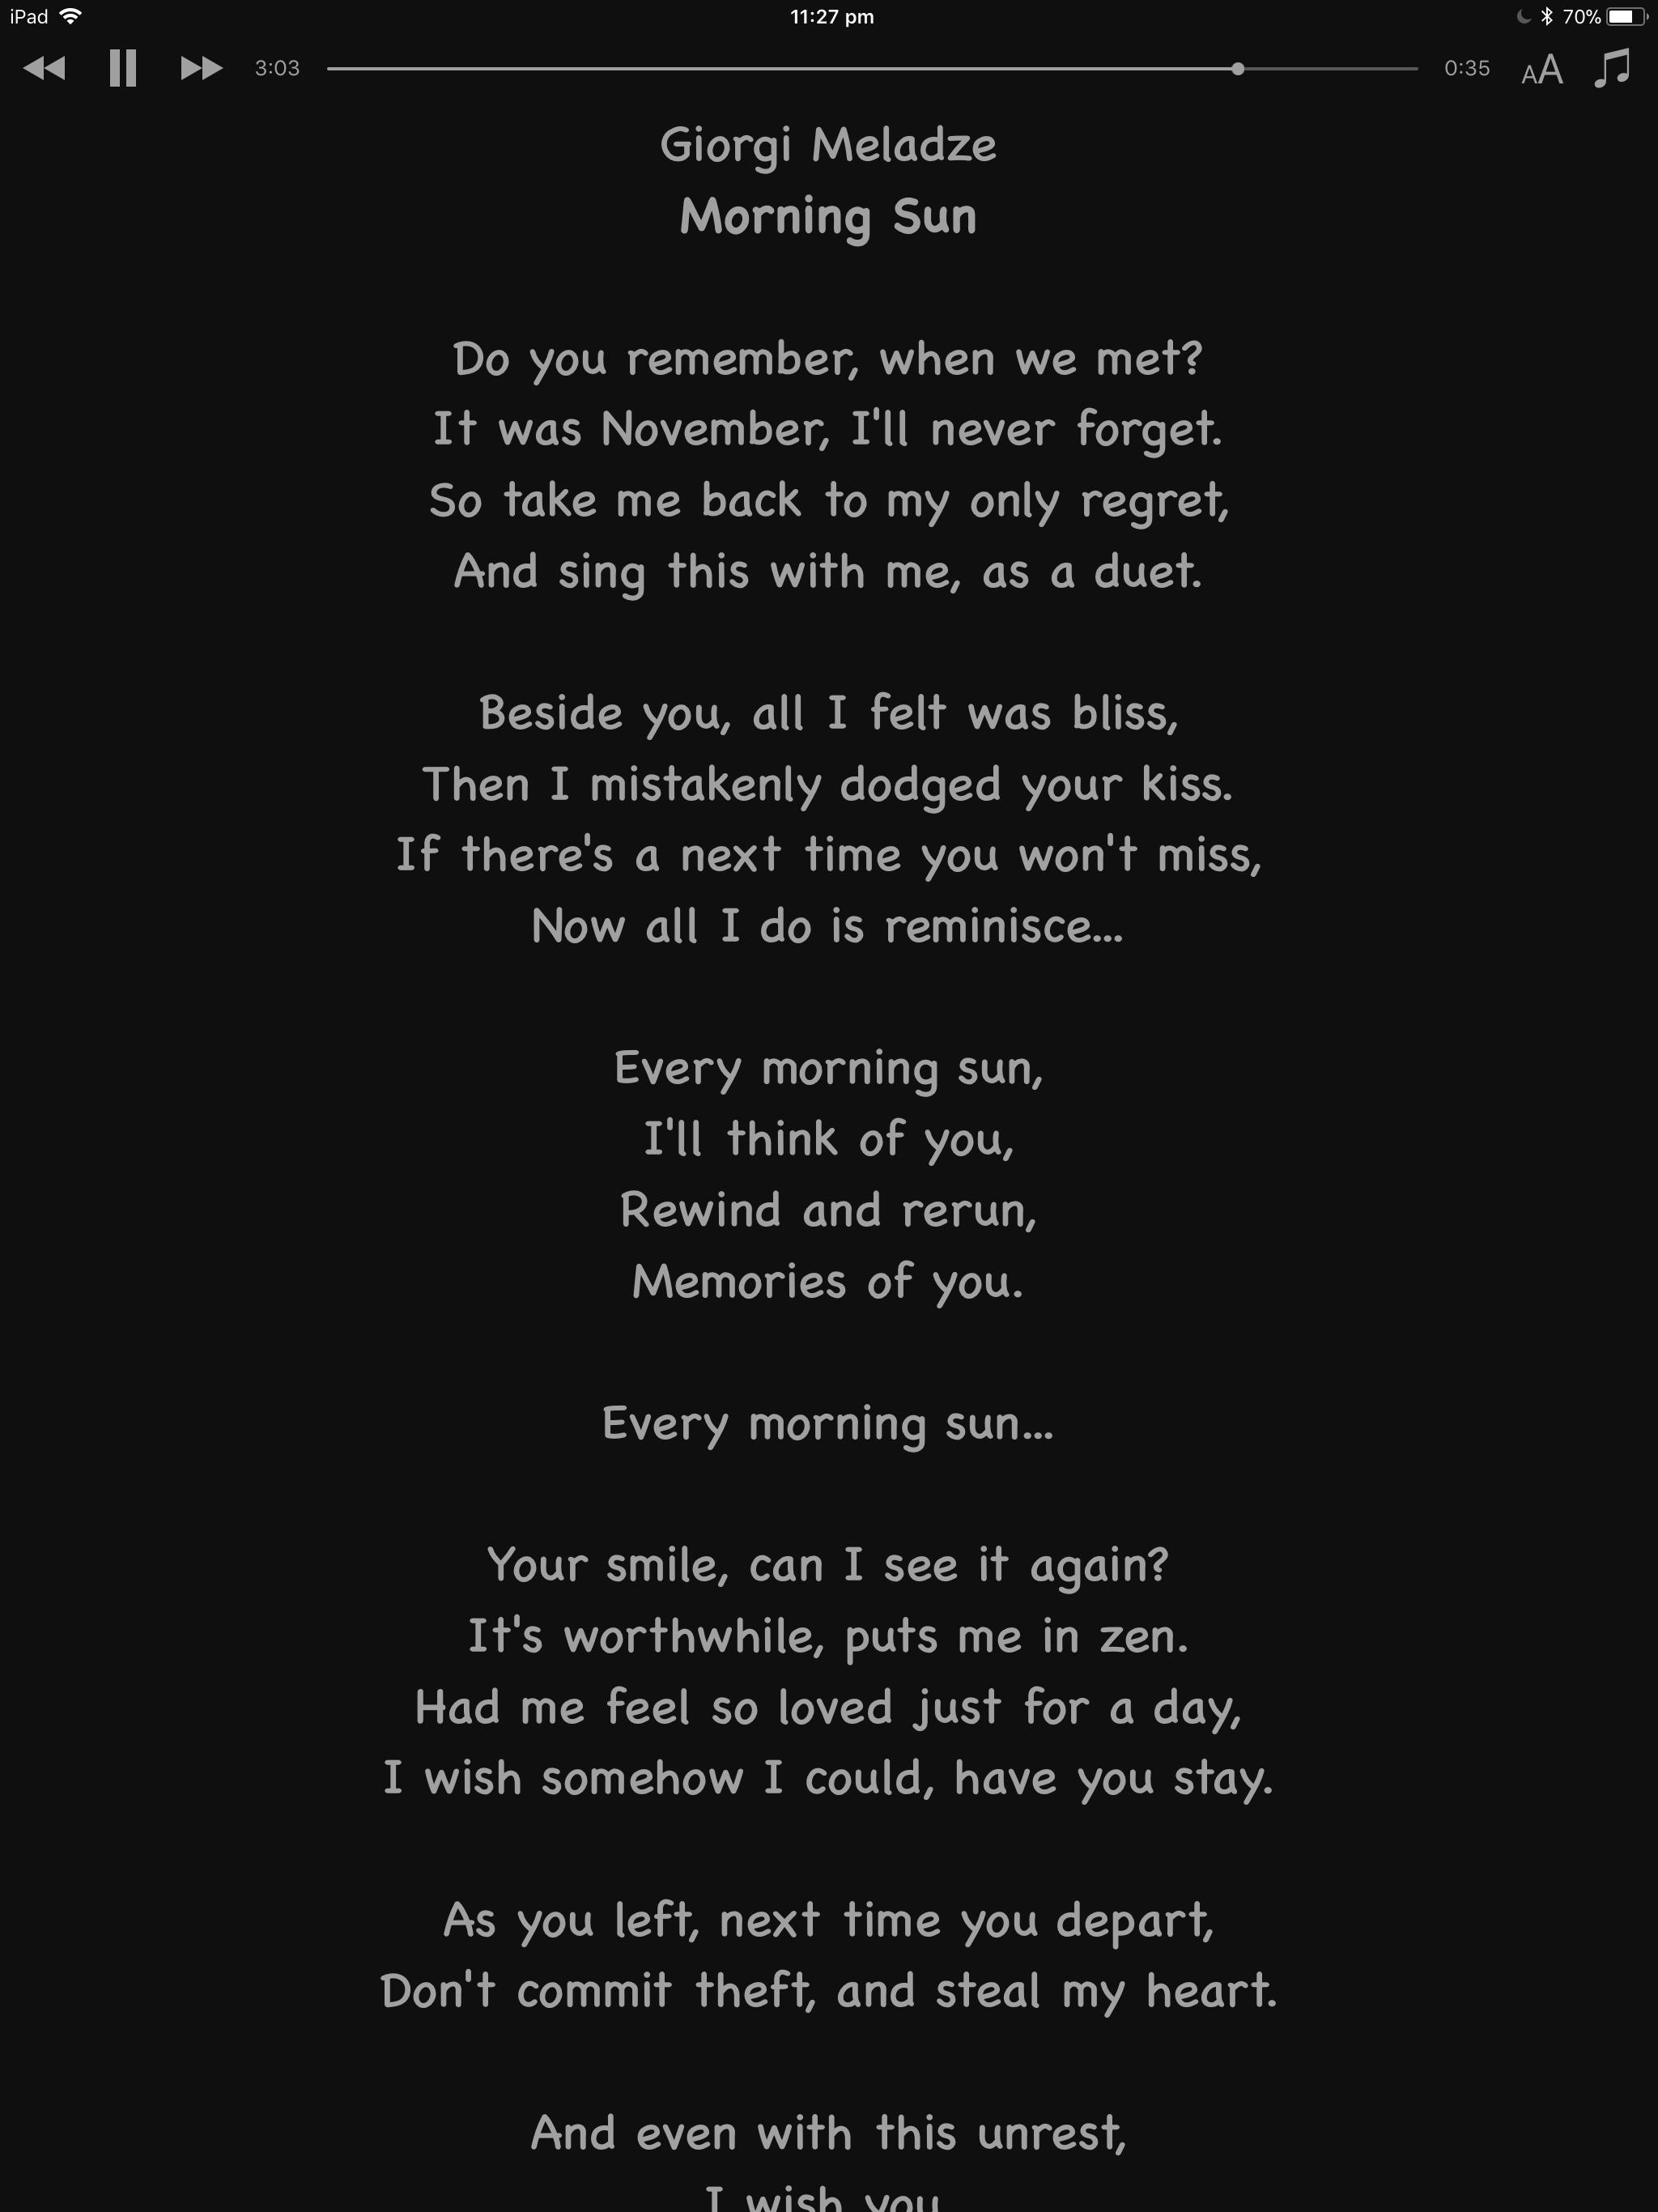 lyrics_view_ipad_screenshot_4.PNG